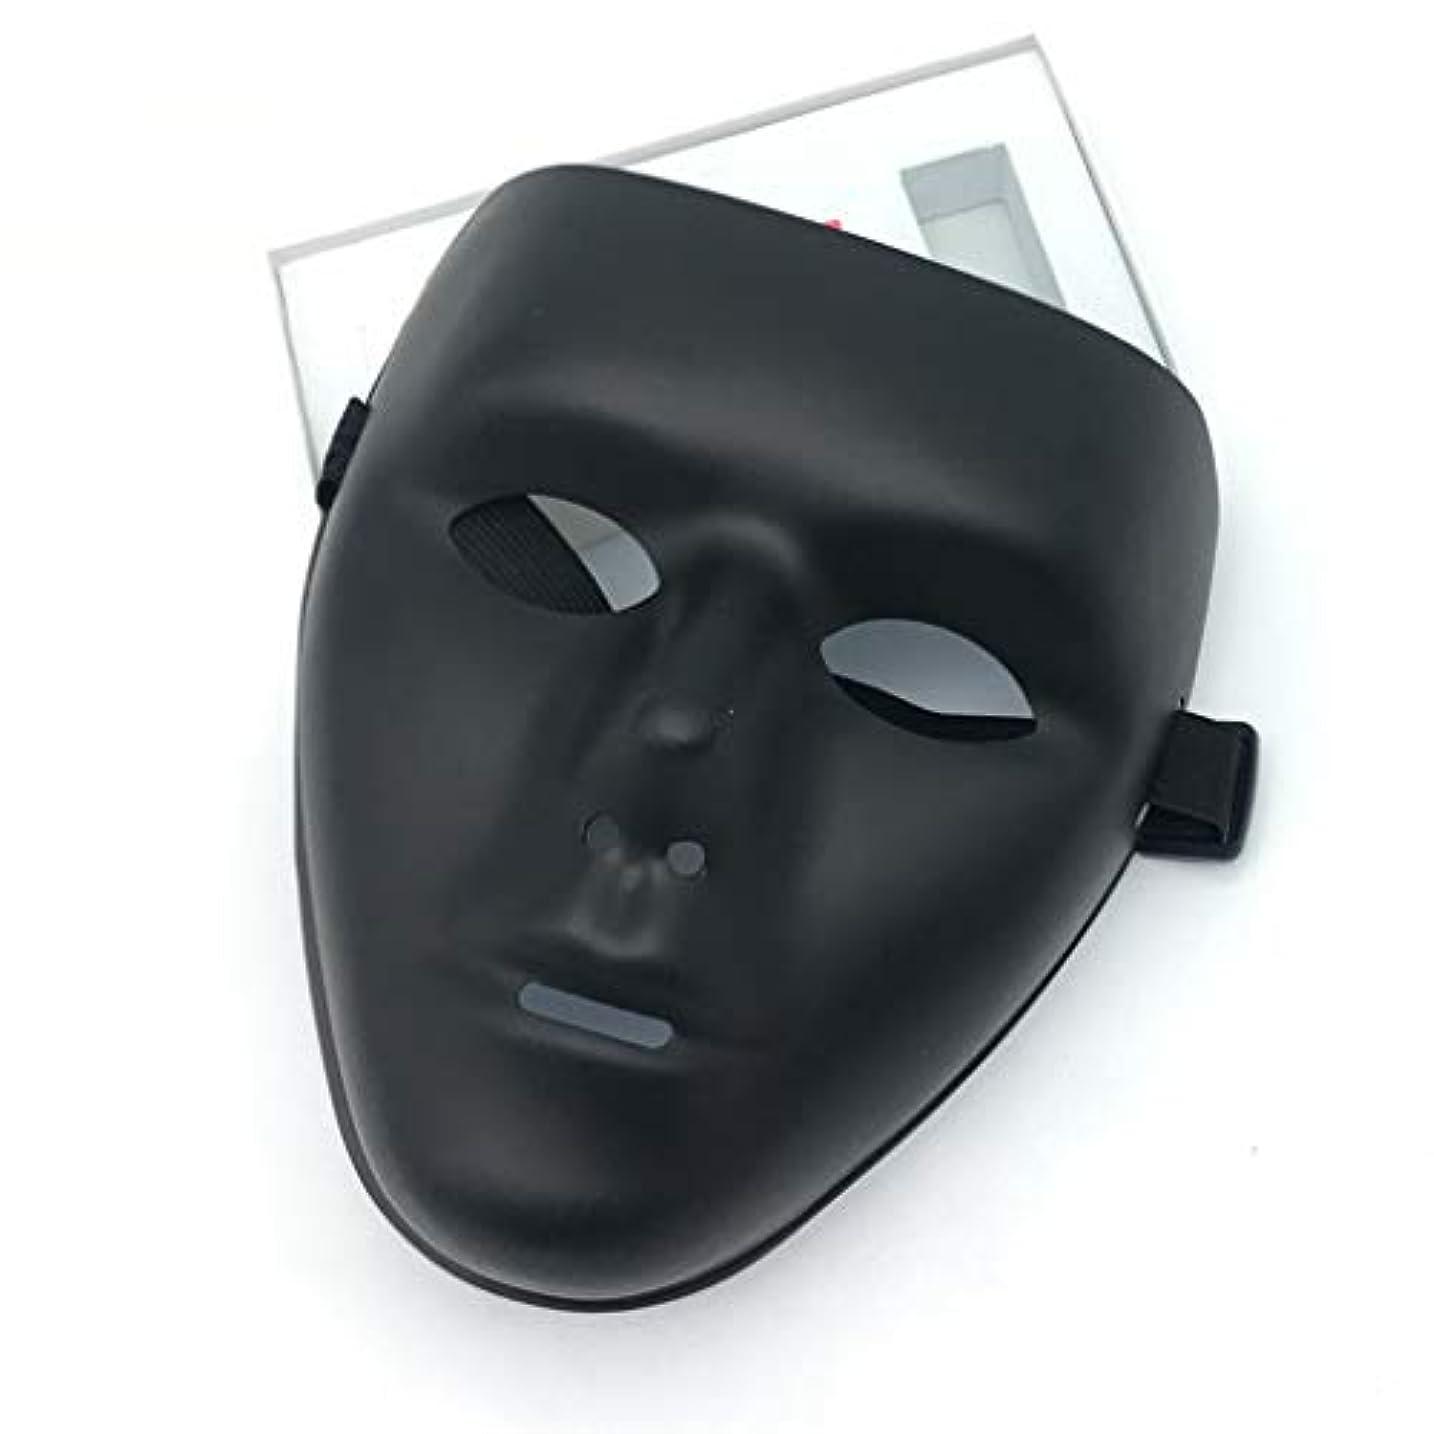 夢くしゃみ製造ハロウィンマスクフルフェイスストリートダンス振動マスク仮装変なマスクダンスマスク